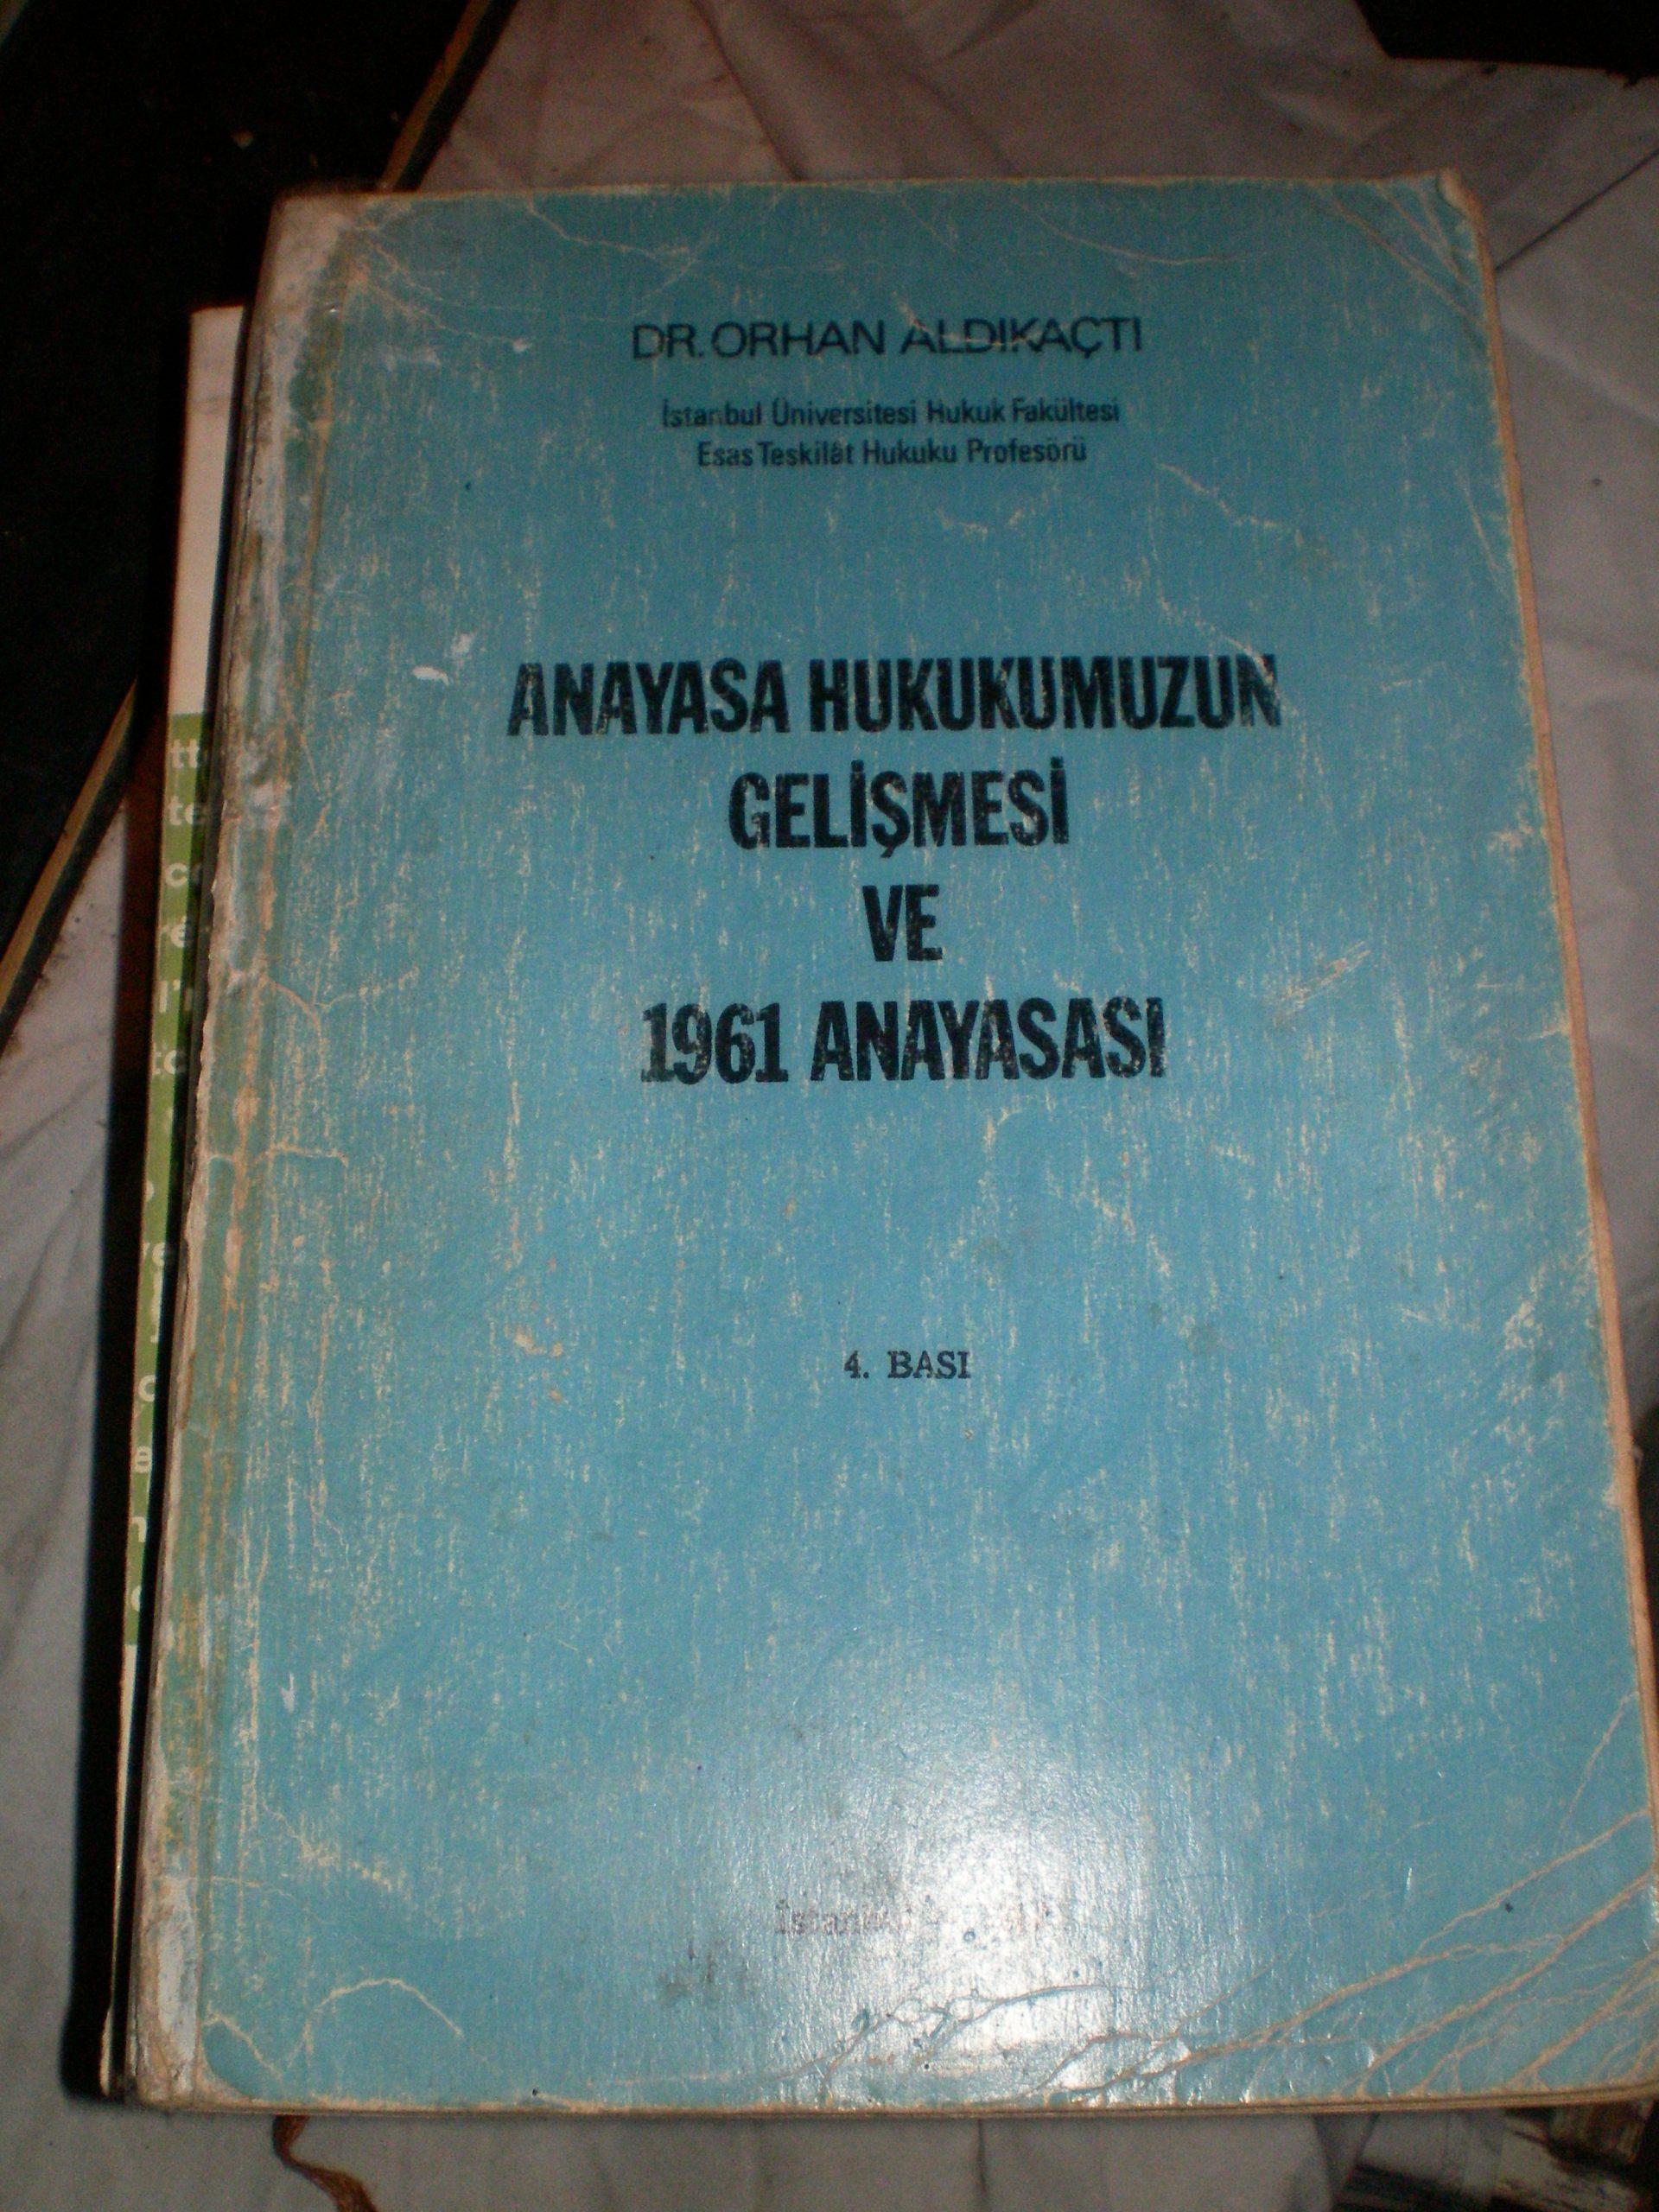 ANAYASA HUKUKUMUZUN GELİŞMESİ VE 1961 ANAYASASI/Prof.Dr.Orhan ALDIKAÇTI/ 25 TL